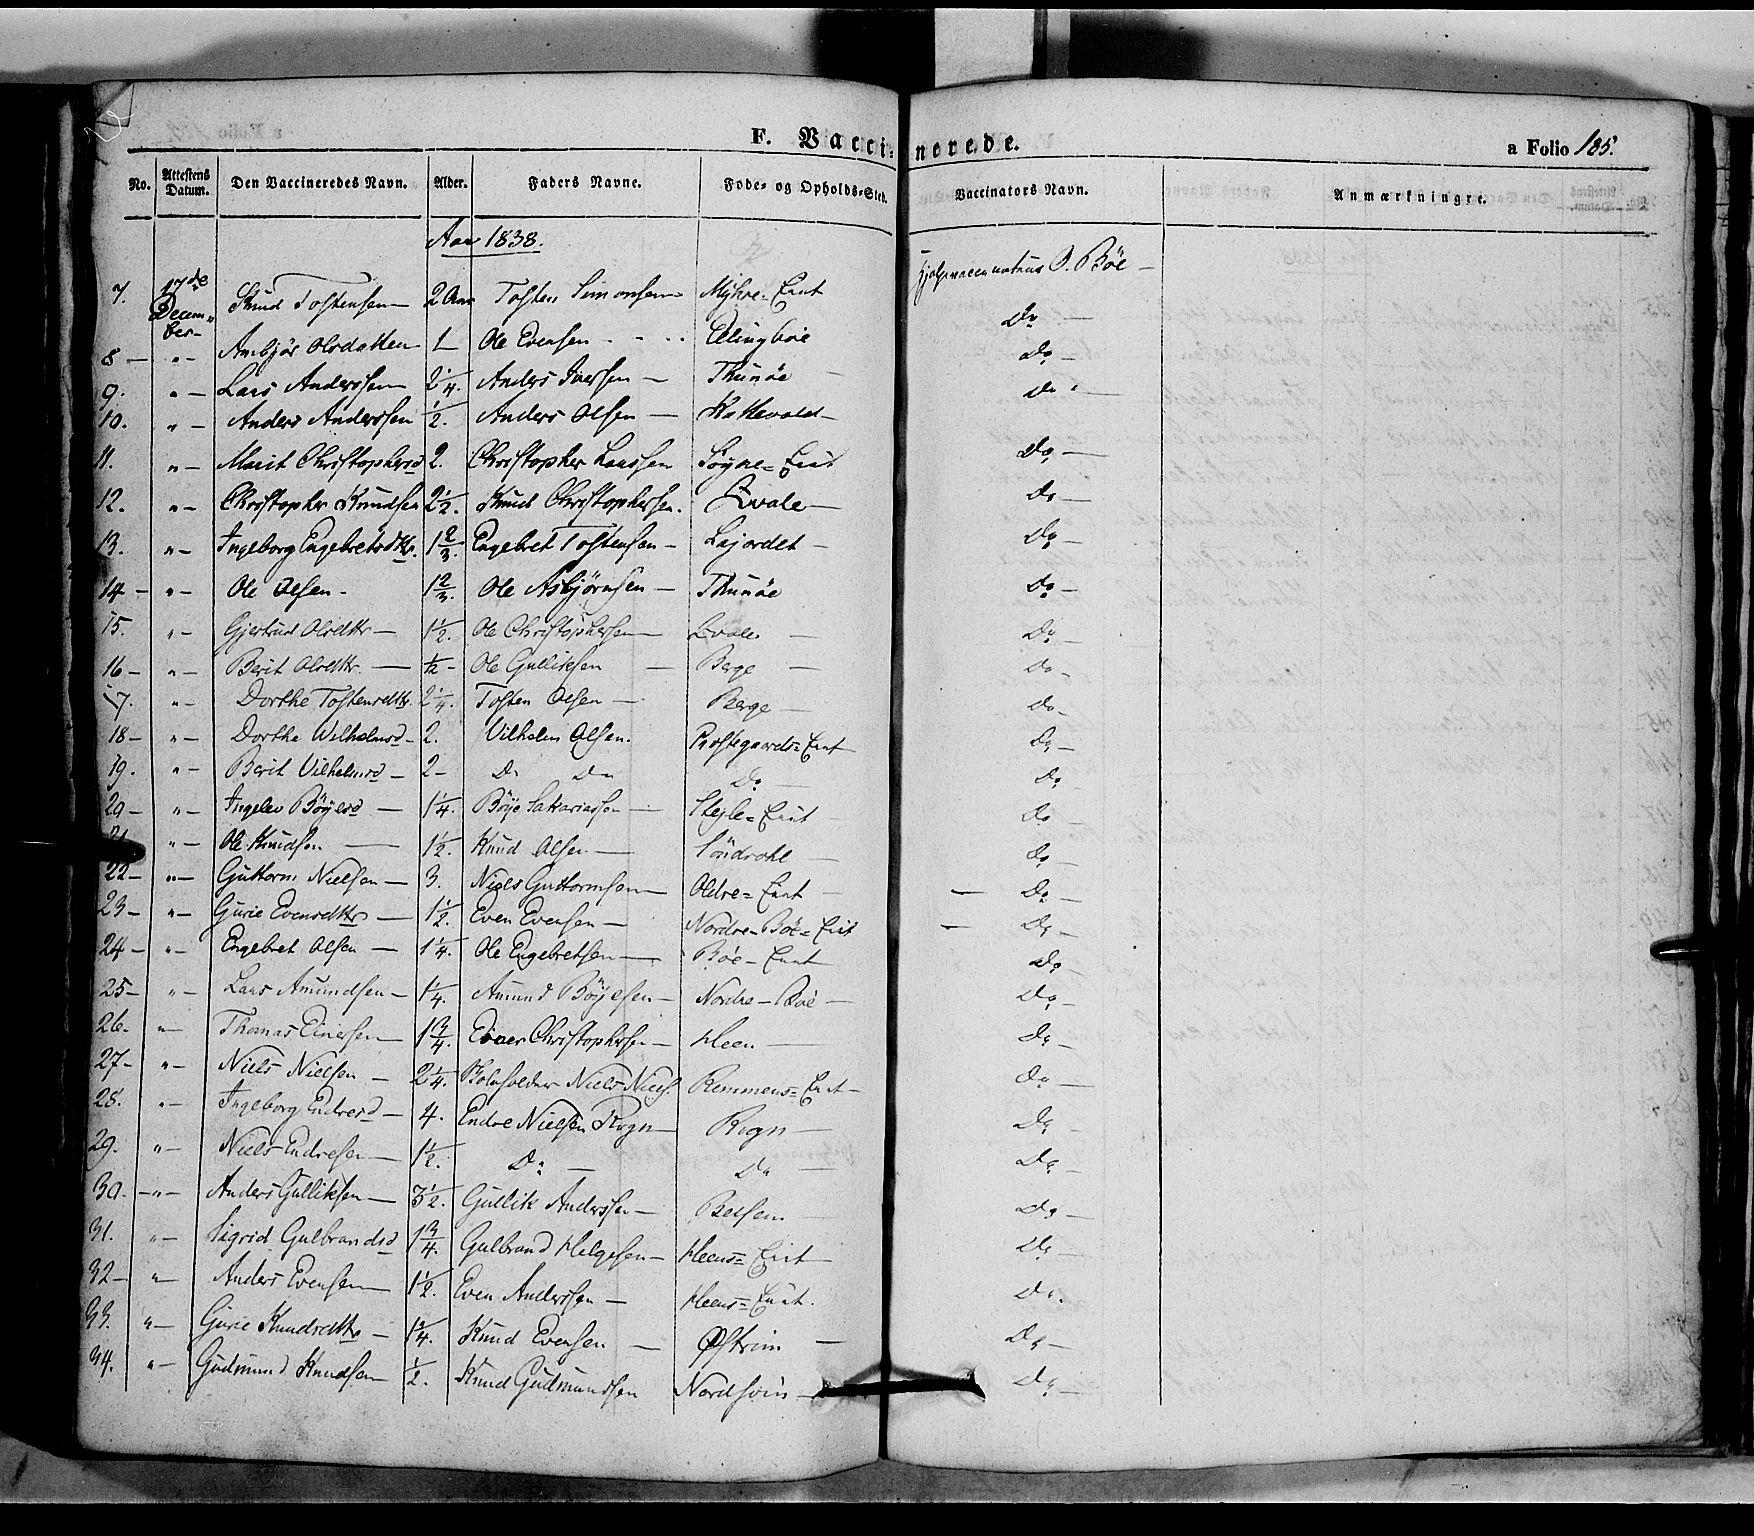 SAH, Vang prestekontor, Valdres, Ministerialbok nr. 5, 1831-1845, s. 185